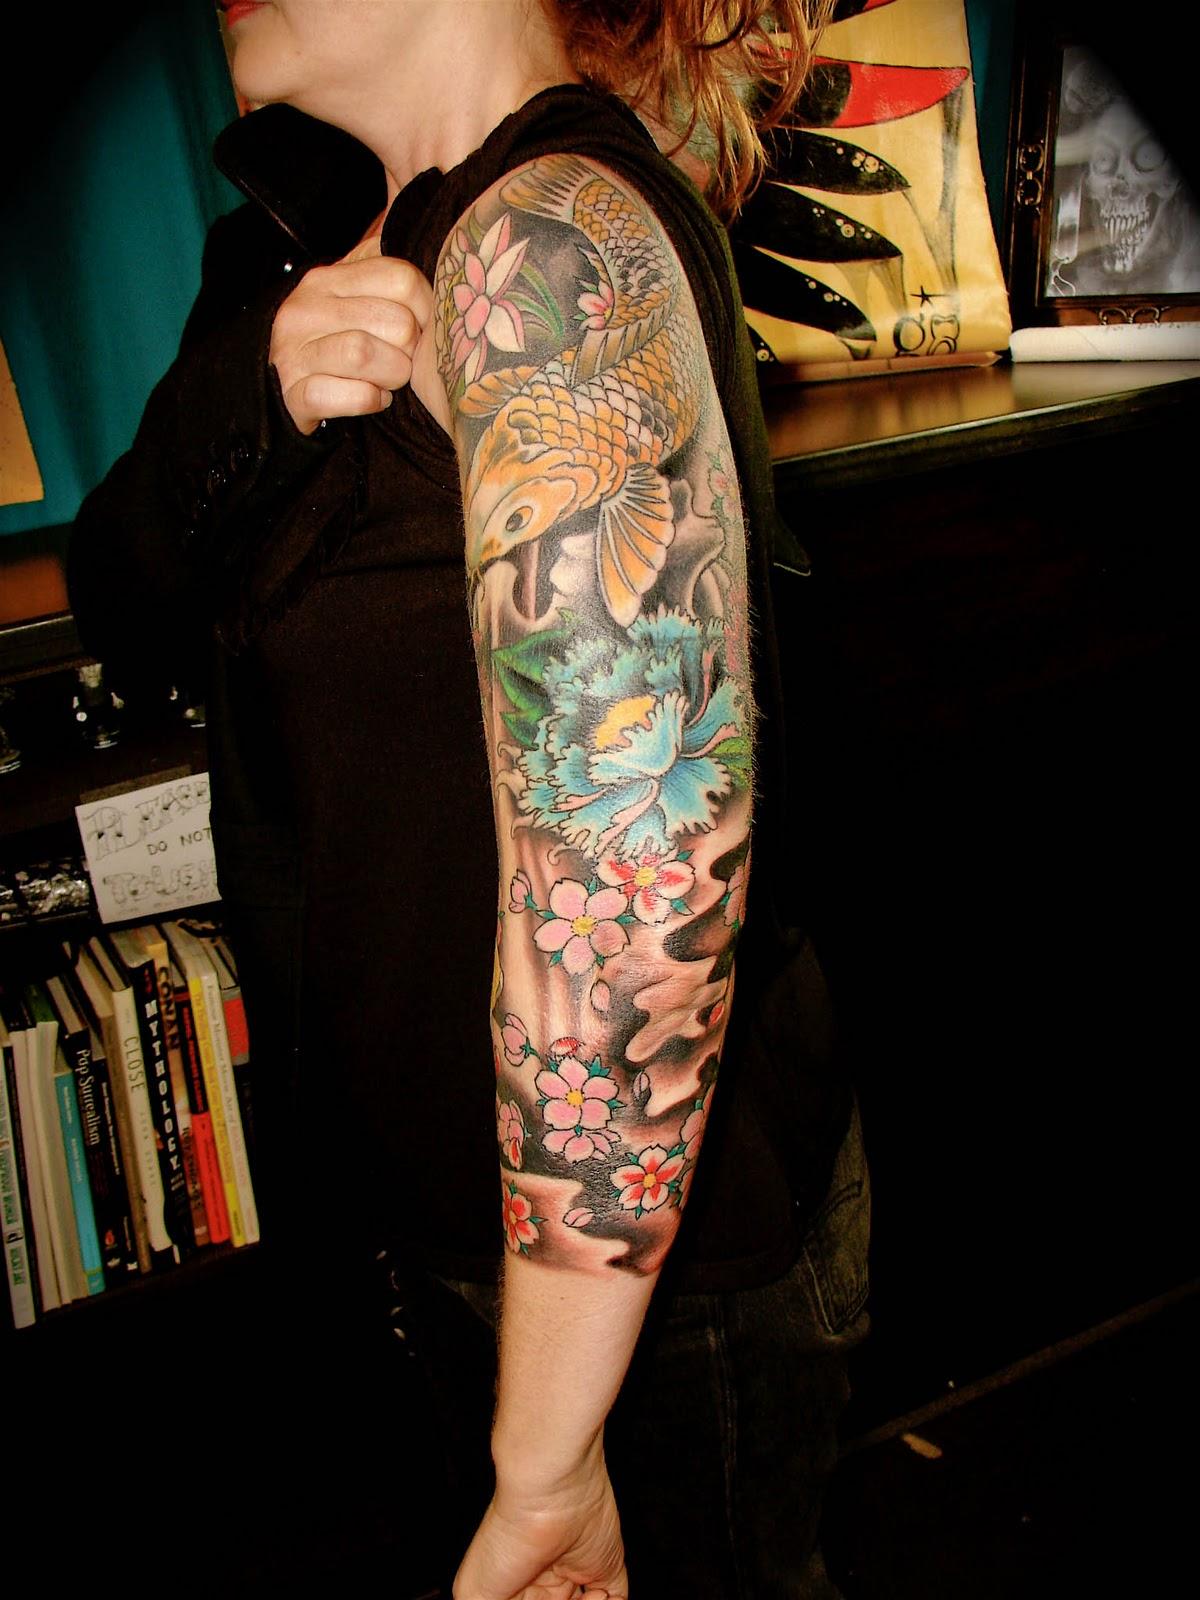 Liberty tattoo atlanta 11 7 10 11 14 10 for Tattoos near me open late